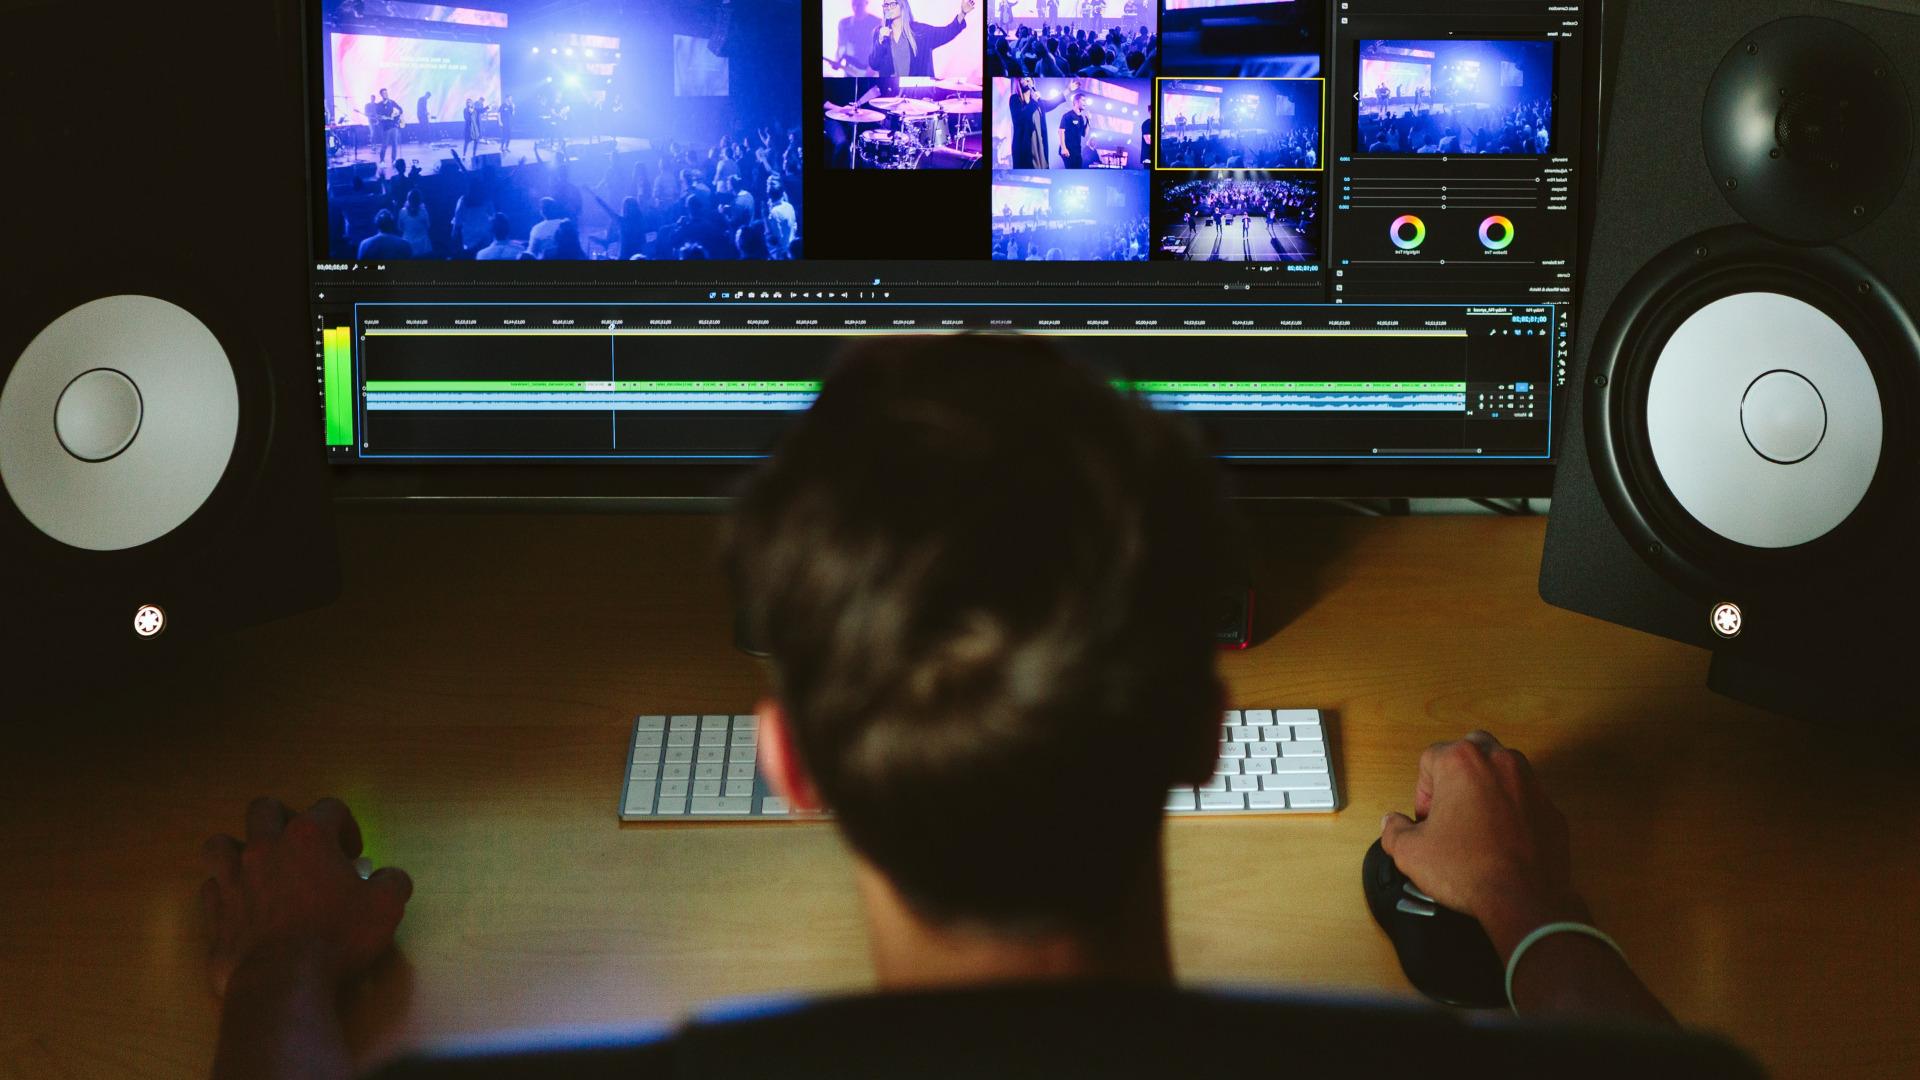 ゲーミングPCで動画編集はできるのか